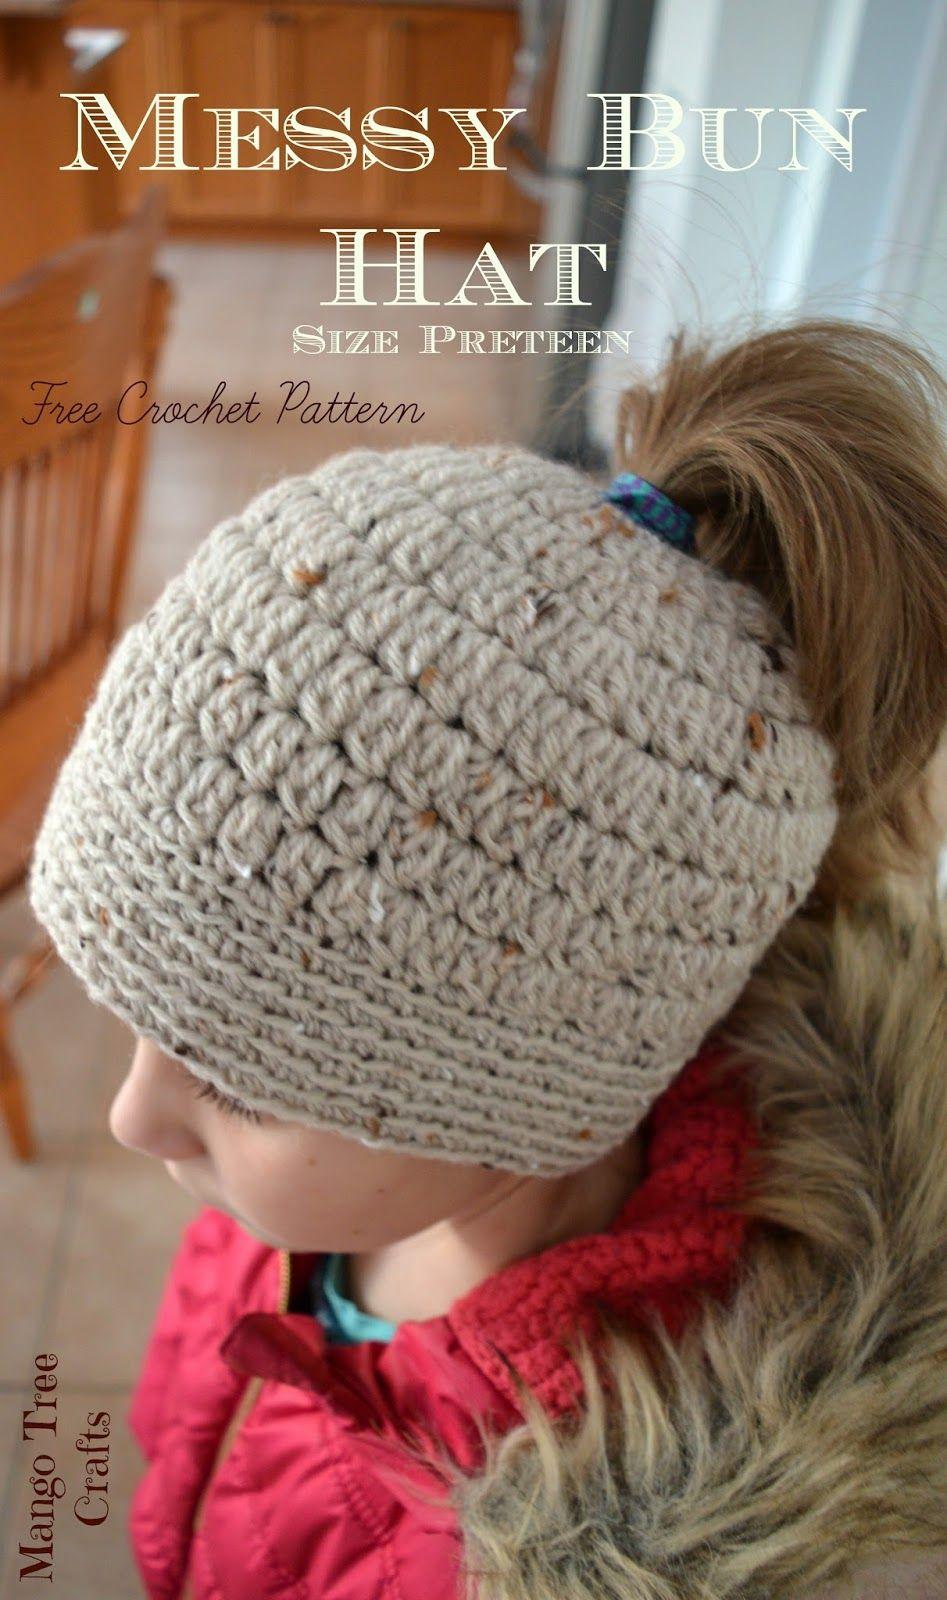 Messy Bun crochet hat pattern in 3 sizes | Crochet ideas | Pinterest ...